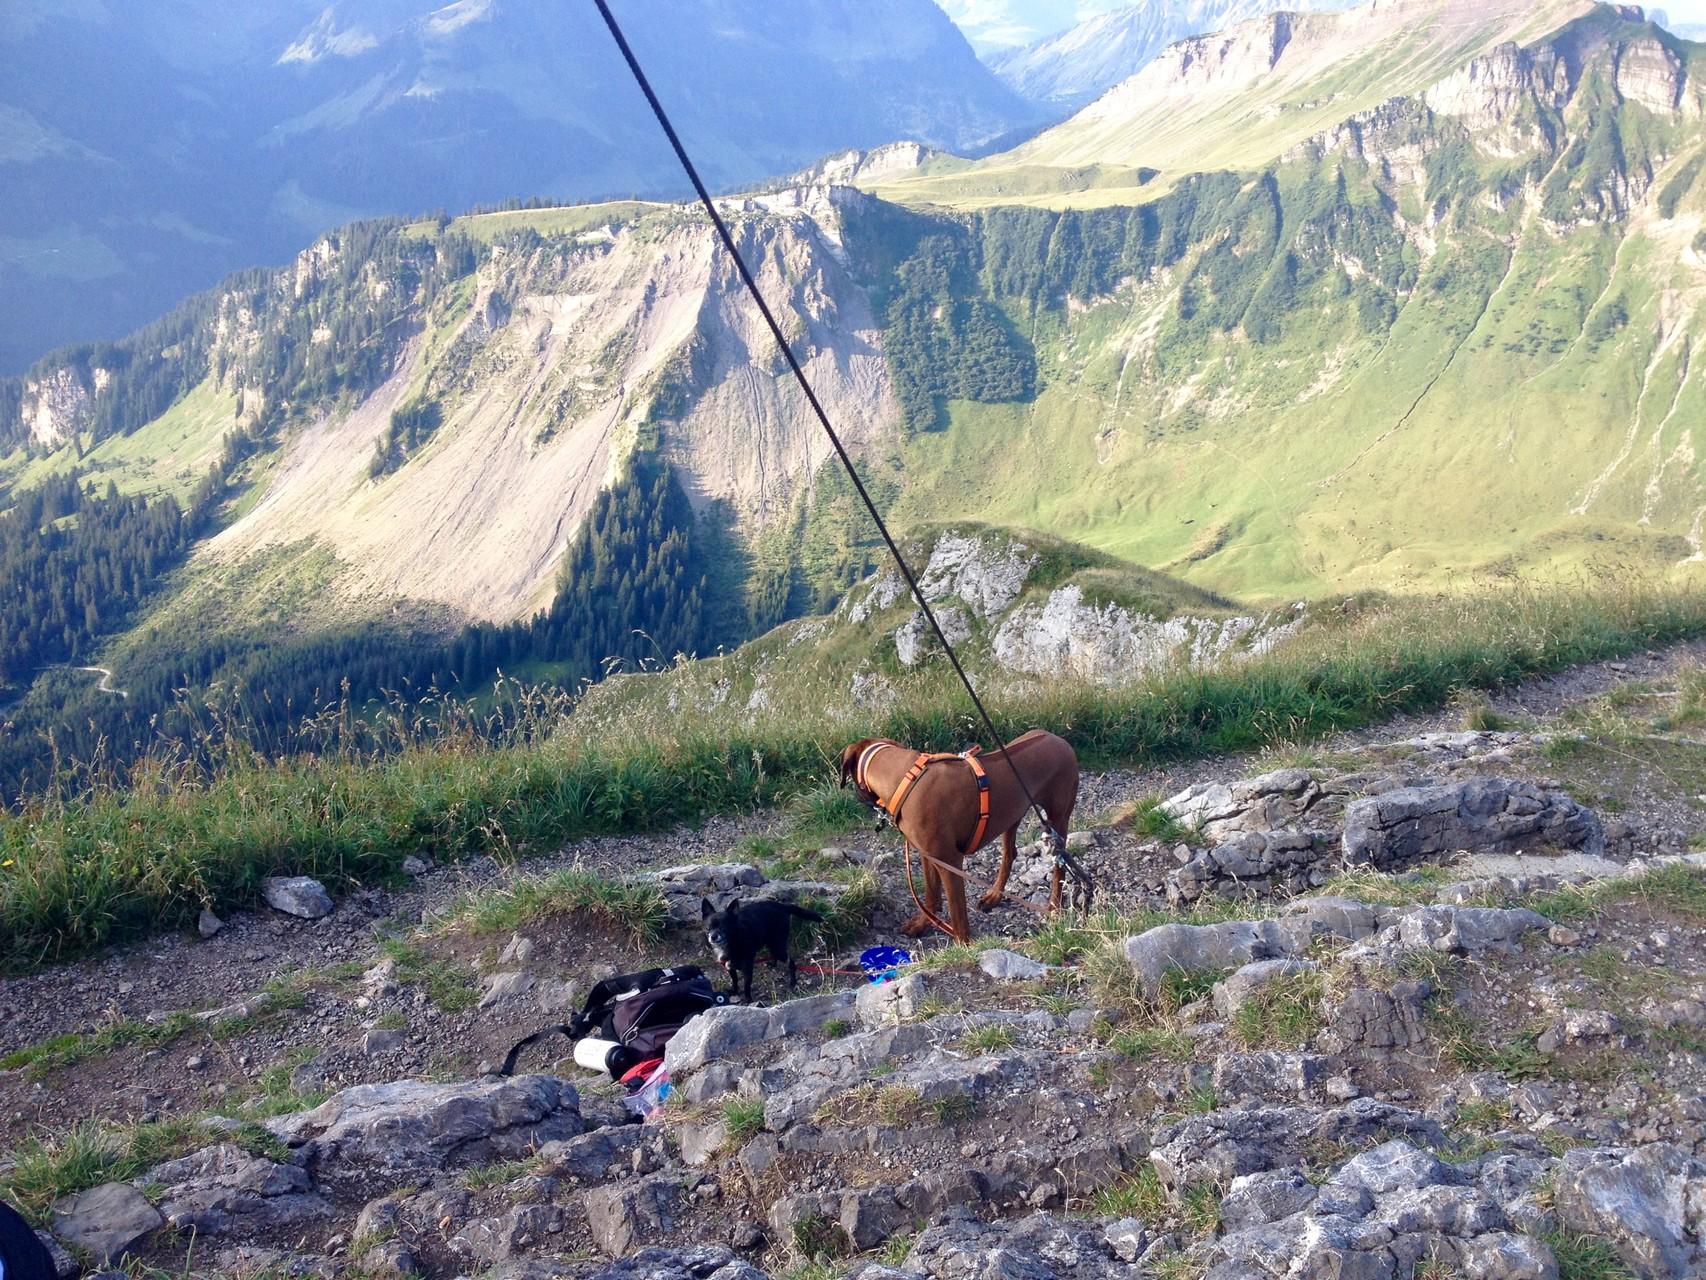 Mein bislang höchster Berg: Kanisfluh im Bregenzerwald 2044m